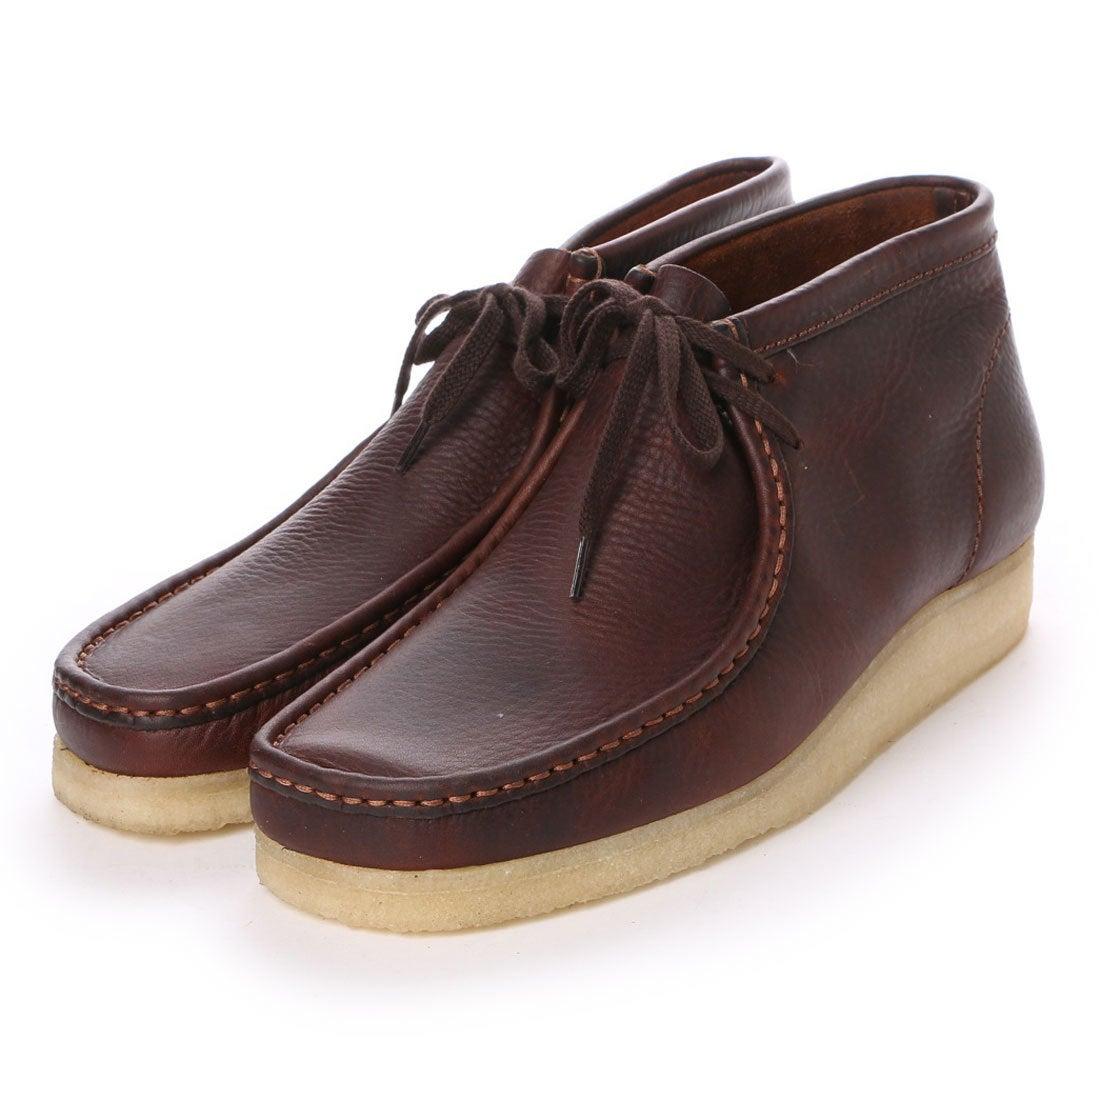 【SALE 40%OFF】クラークス Clarks Wallabee Boot / メンズ ワラビーブーツ (ブラウン) メンズ